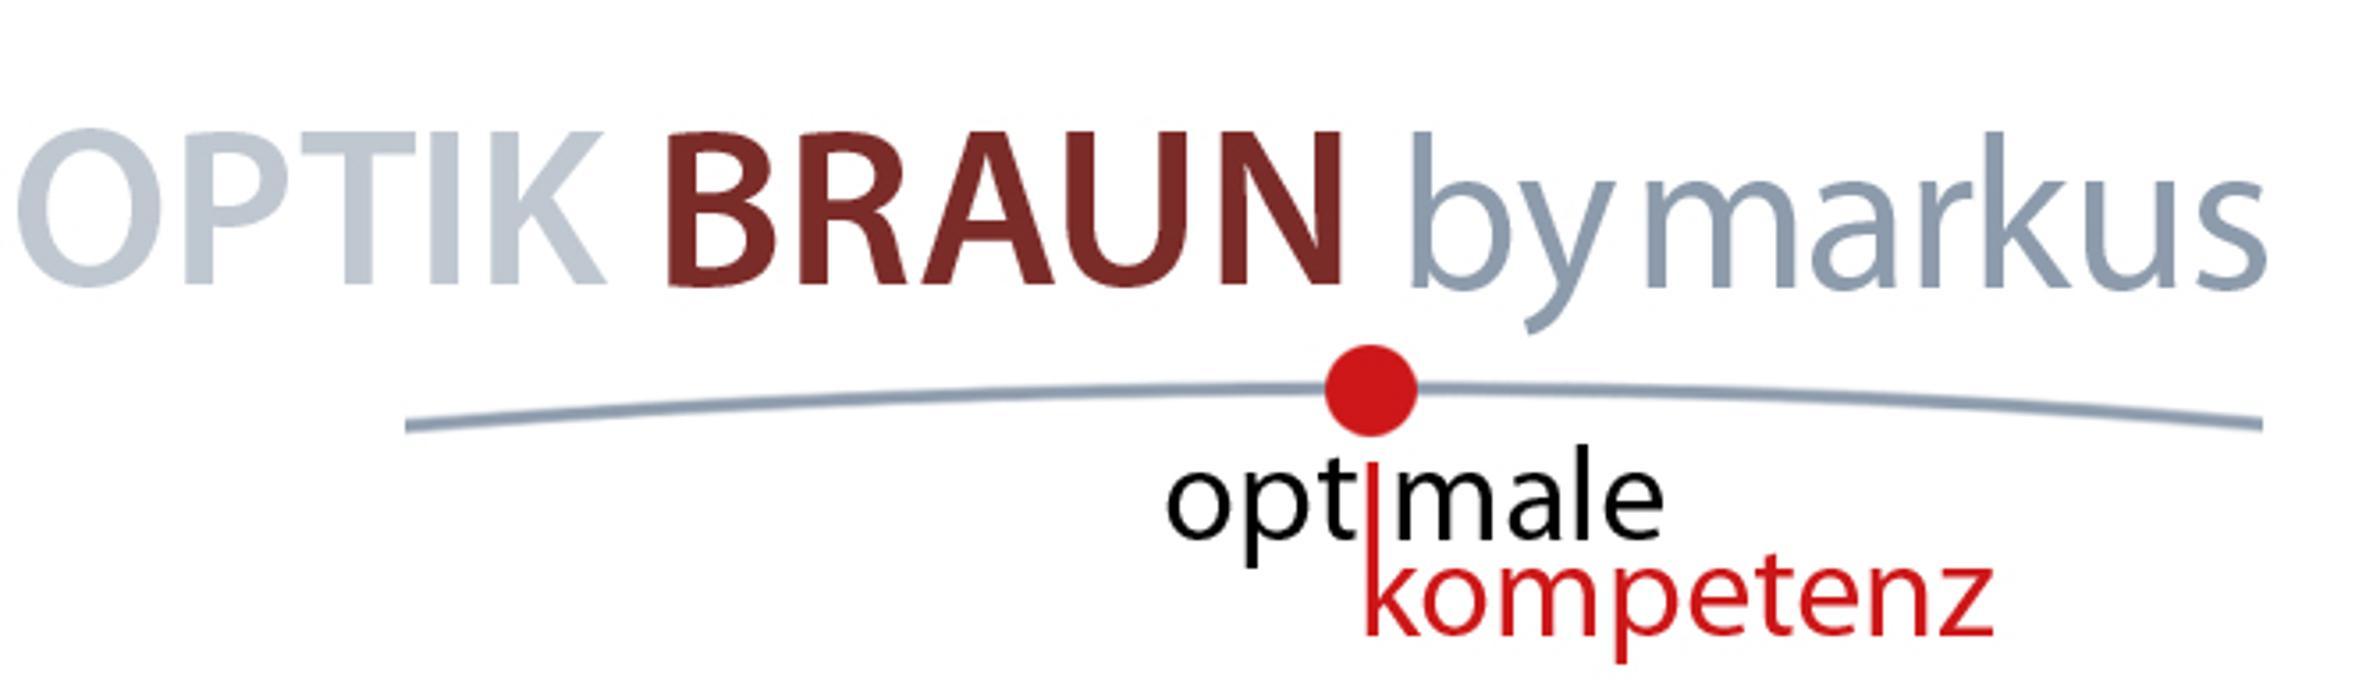 Bild zu Optik Braun by Markus in Saarbrücken